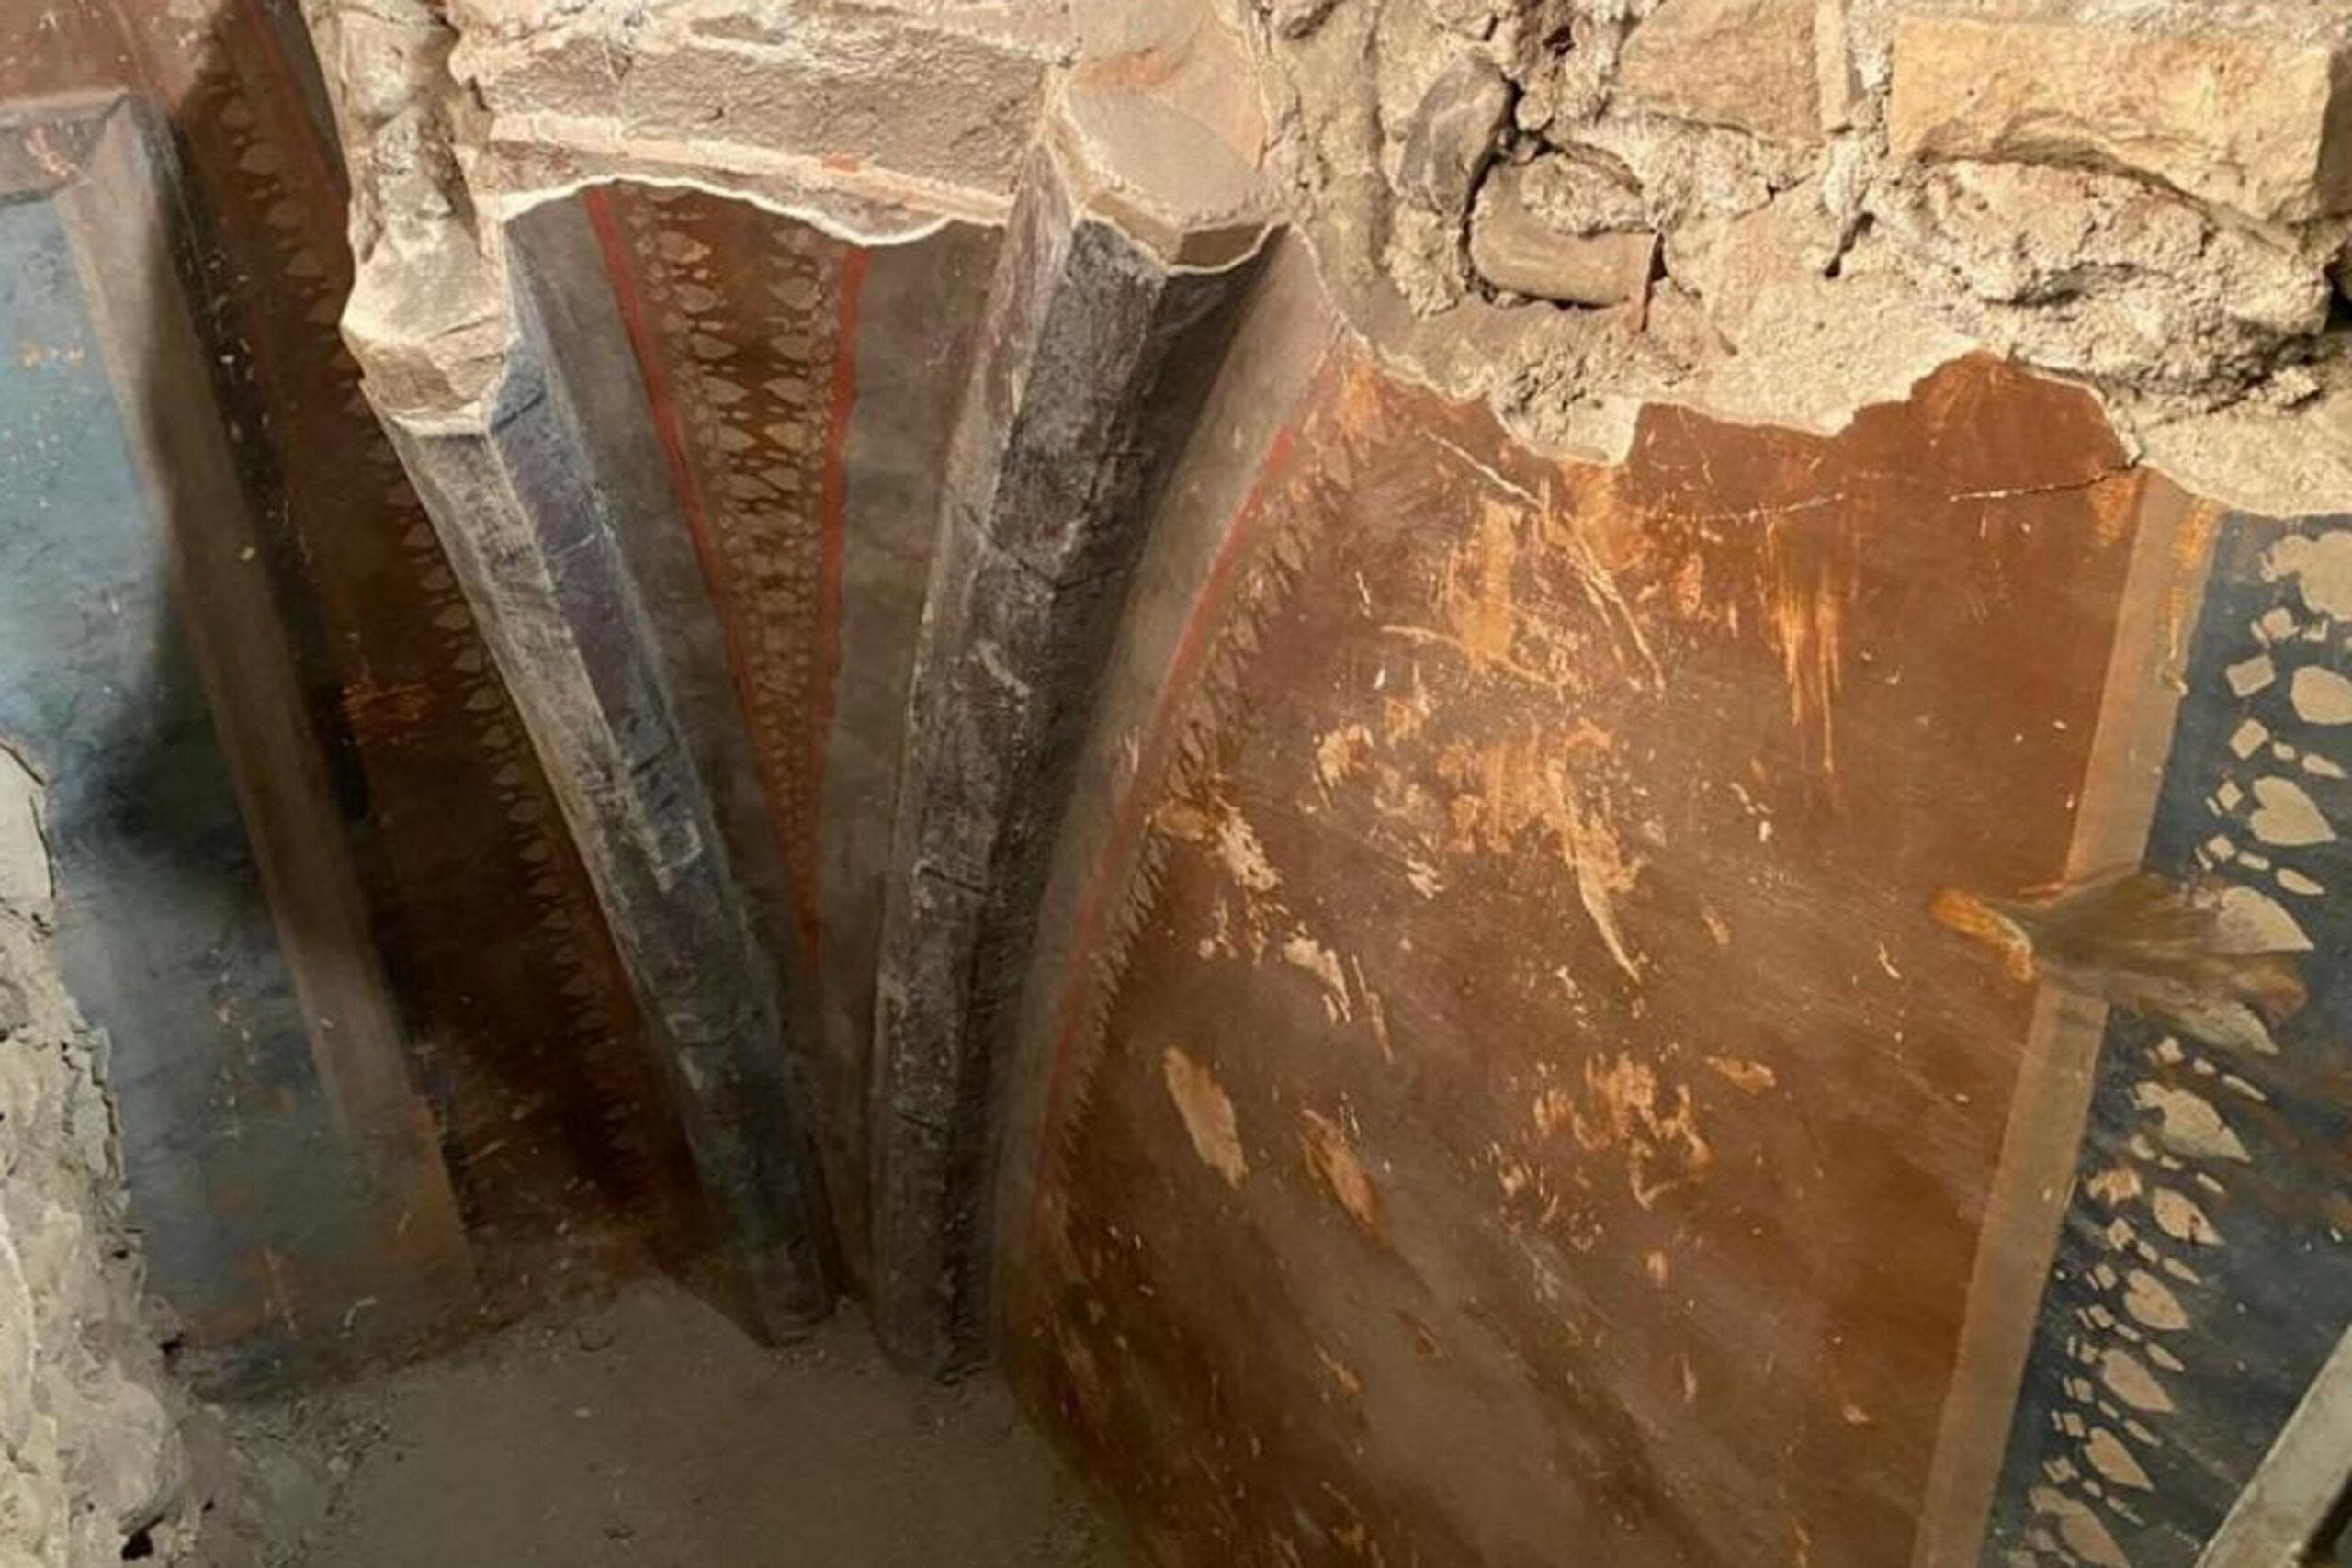 Pla detall de les pintures que han aparegut durant els treballs de l'església de Sant Pere de Ripoll en una imatge publicada el 25 de febrer del 2021 / ACN